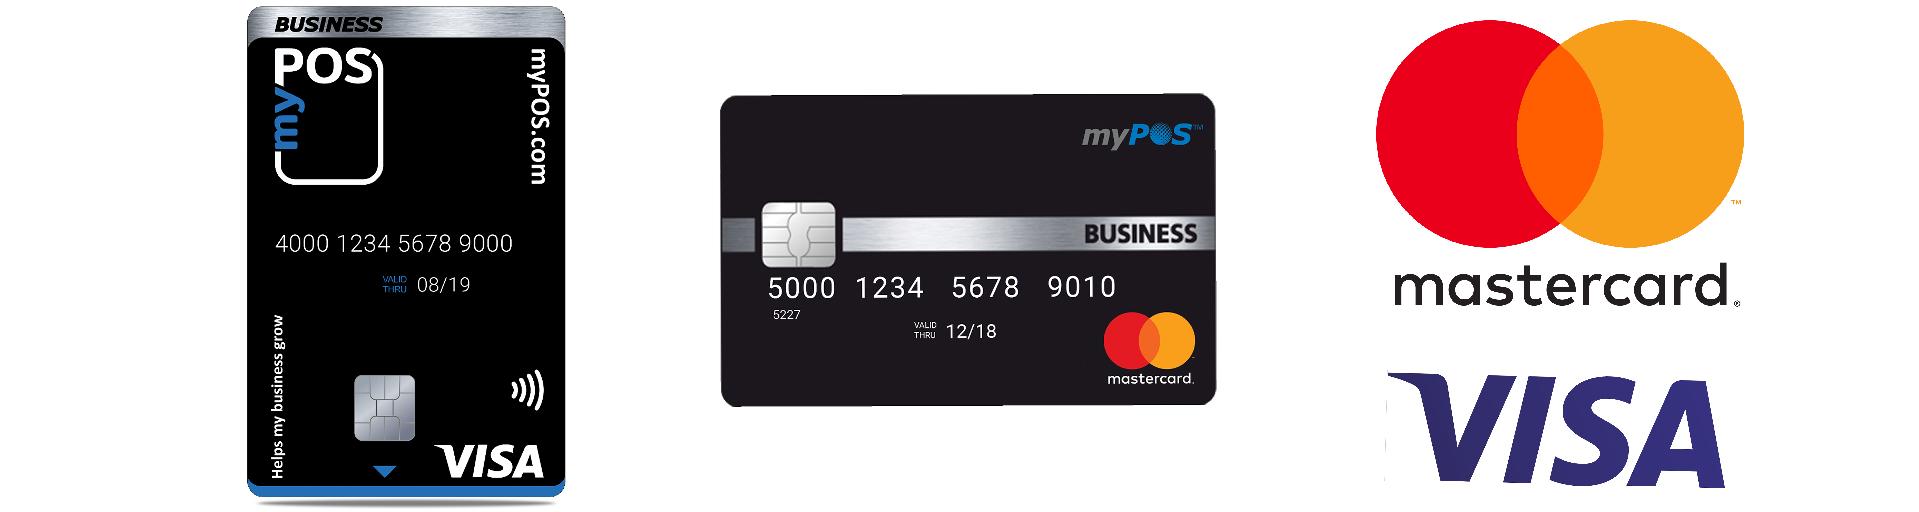 gratis myPOS business creditcards voor Nederlandse en Belgische ondernemers en bedrijven